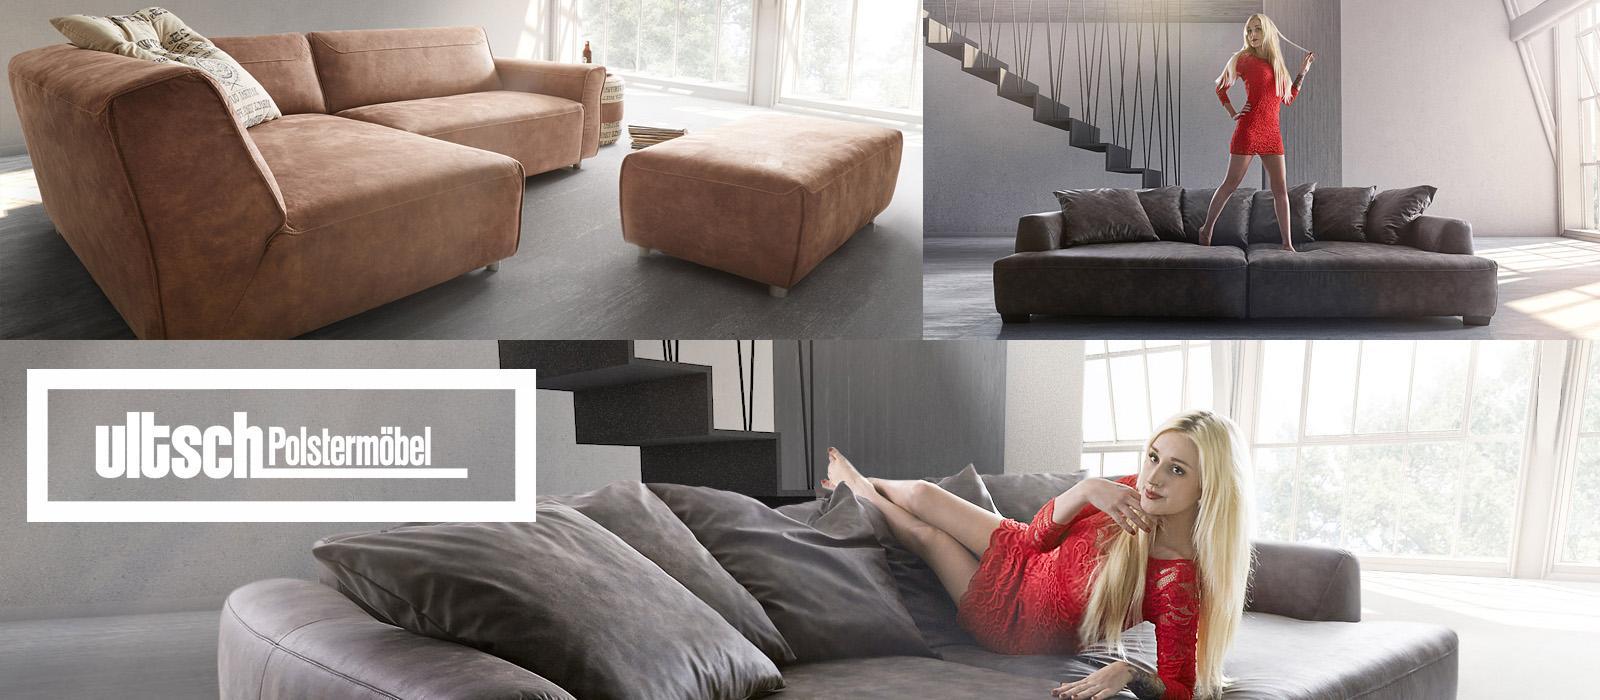 Möbel Premium Sortiment bei DELIFE - Qualität zu Top-Preisen | DELIFE.eu